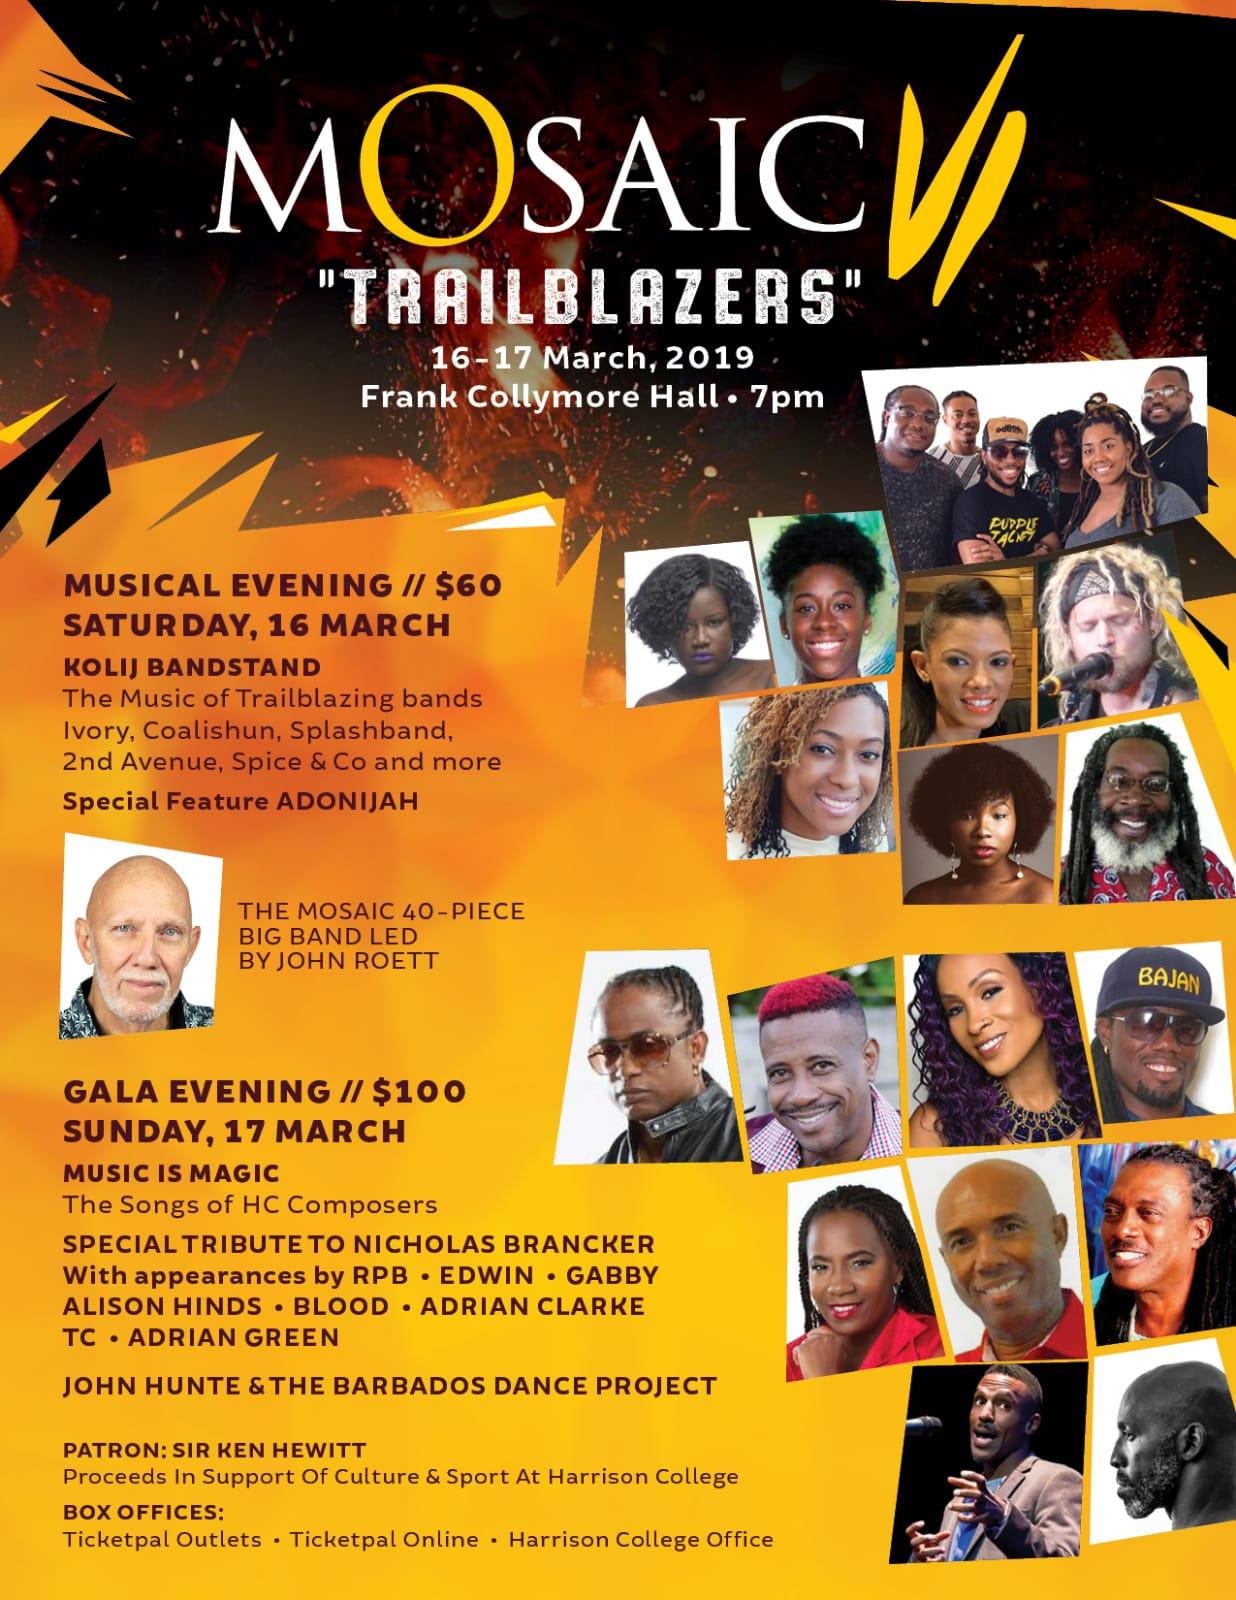 Mosaic VI: Trailblazers